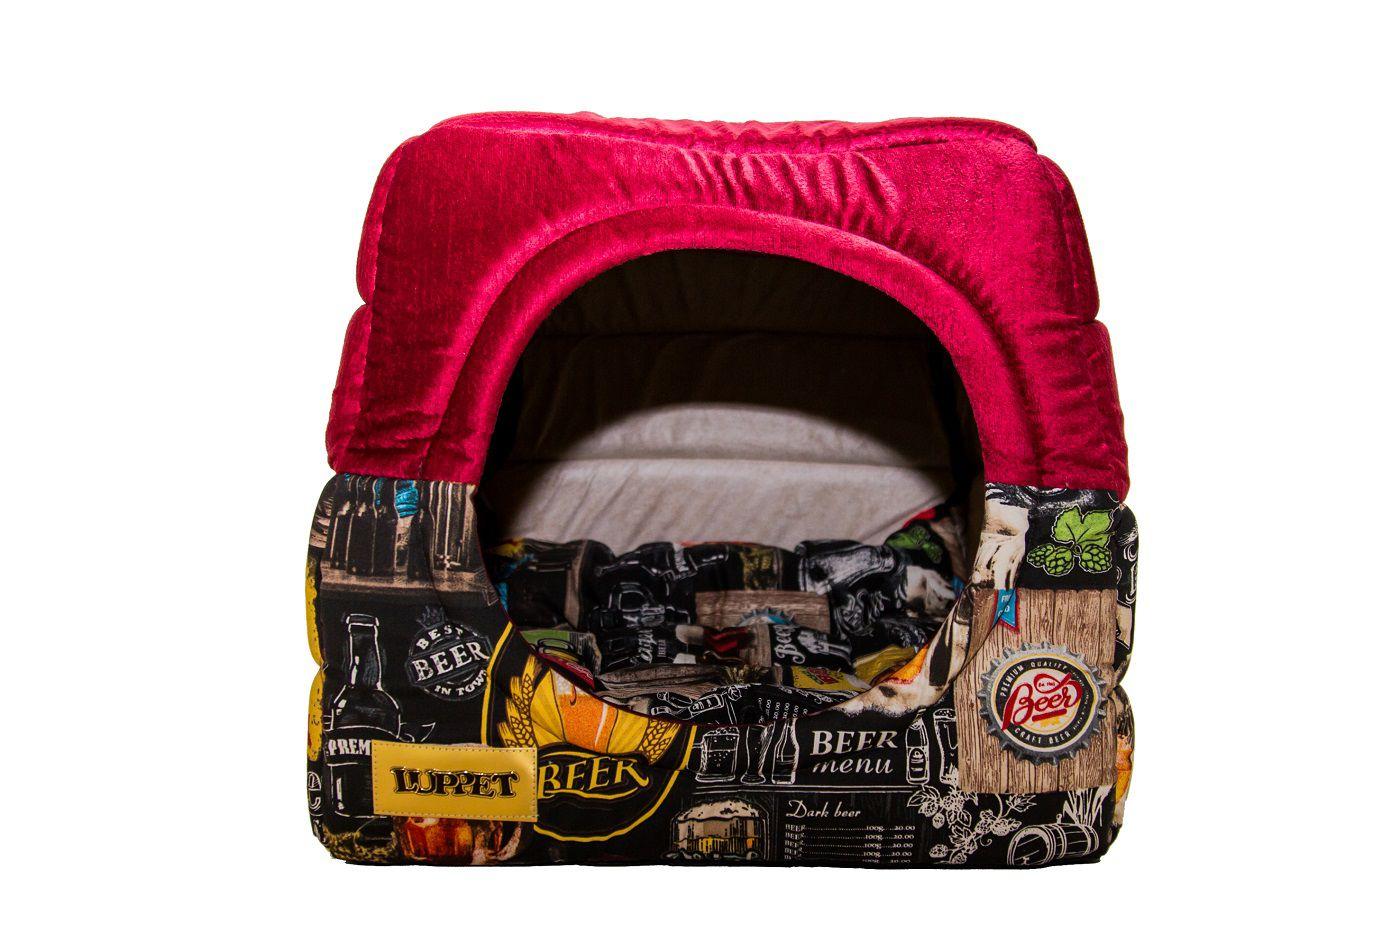 Cama Iglu e Toca Para Cachorro Impermeavel Luppet Vermelho Beer